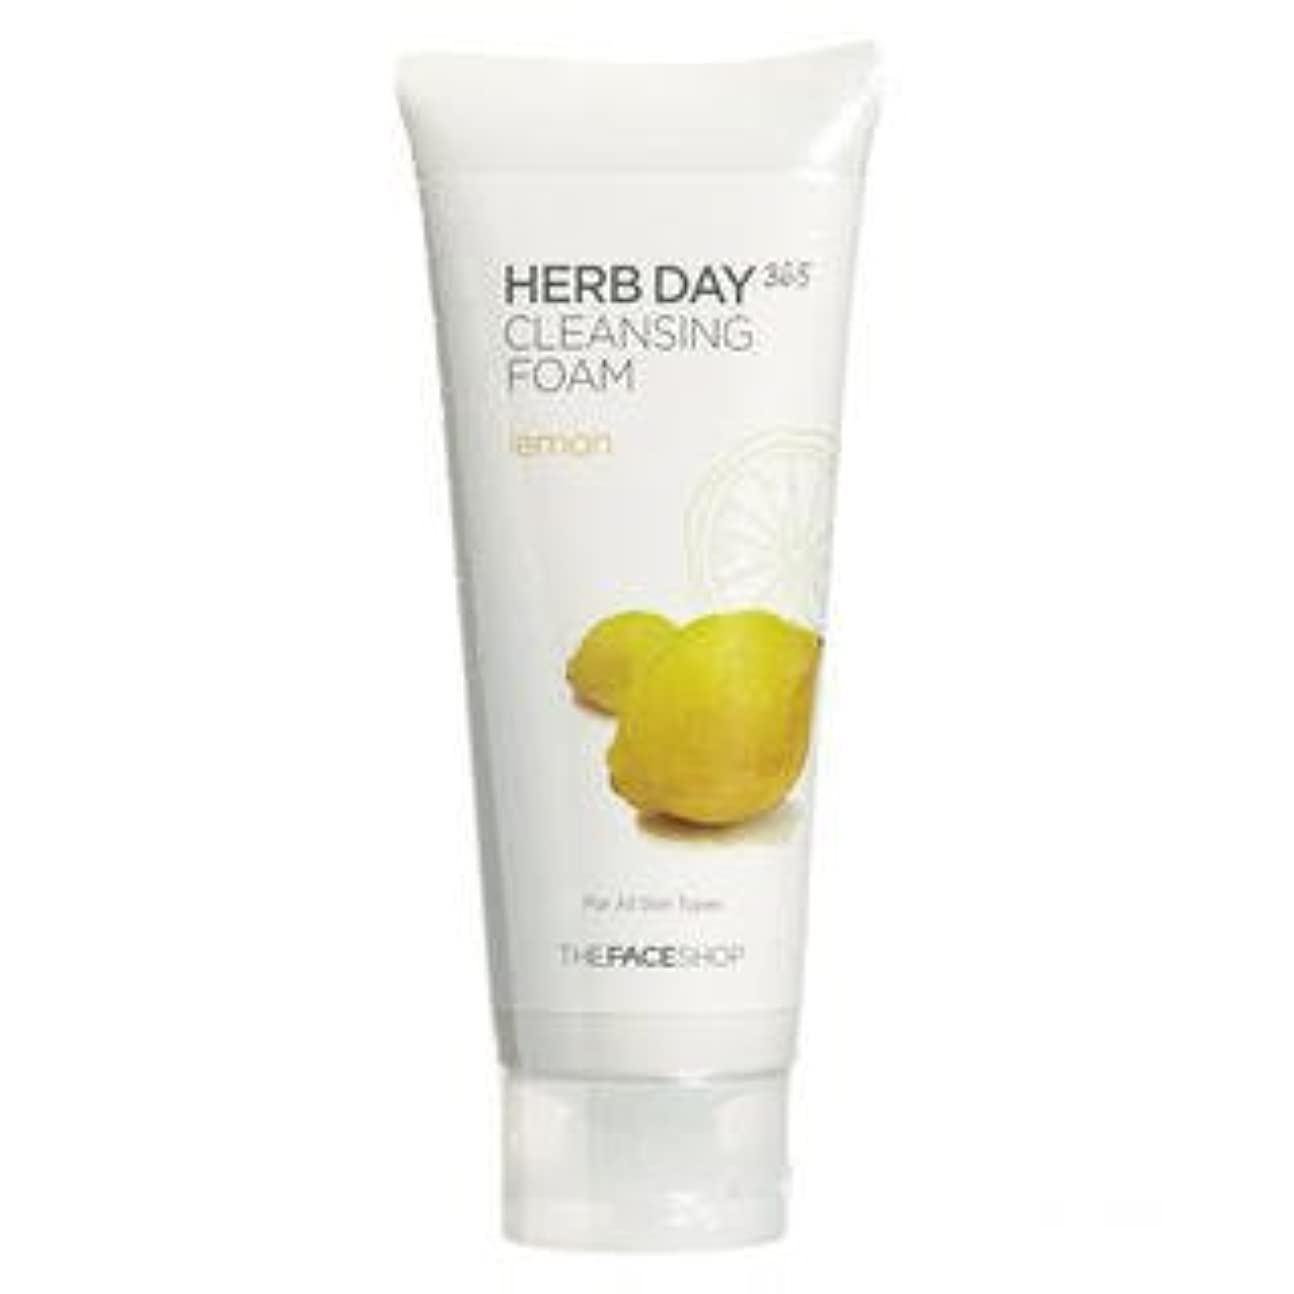 ガウンアラブバースThe Face Shop - Herb Day Cleansing Cleansing Foam (Lemon)170ml /Made in Korea